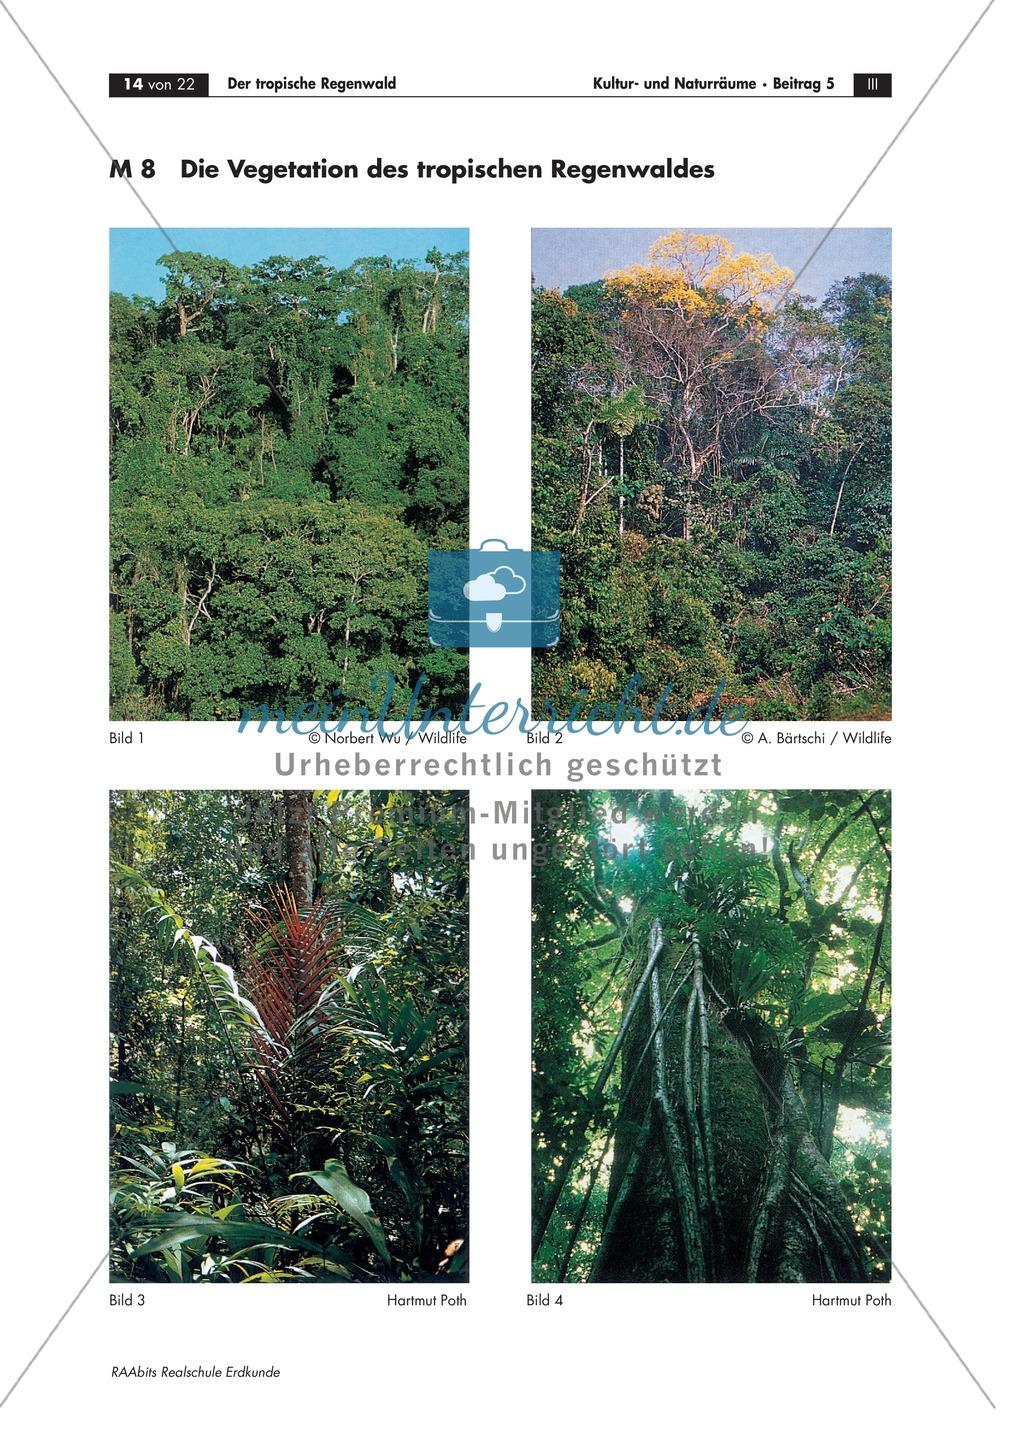 Der tropische Regenwald: Vegetation + Böden + Nährstoffkreislauf Preview 2